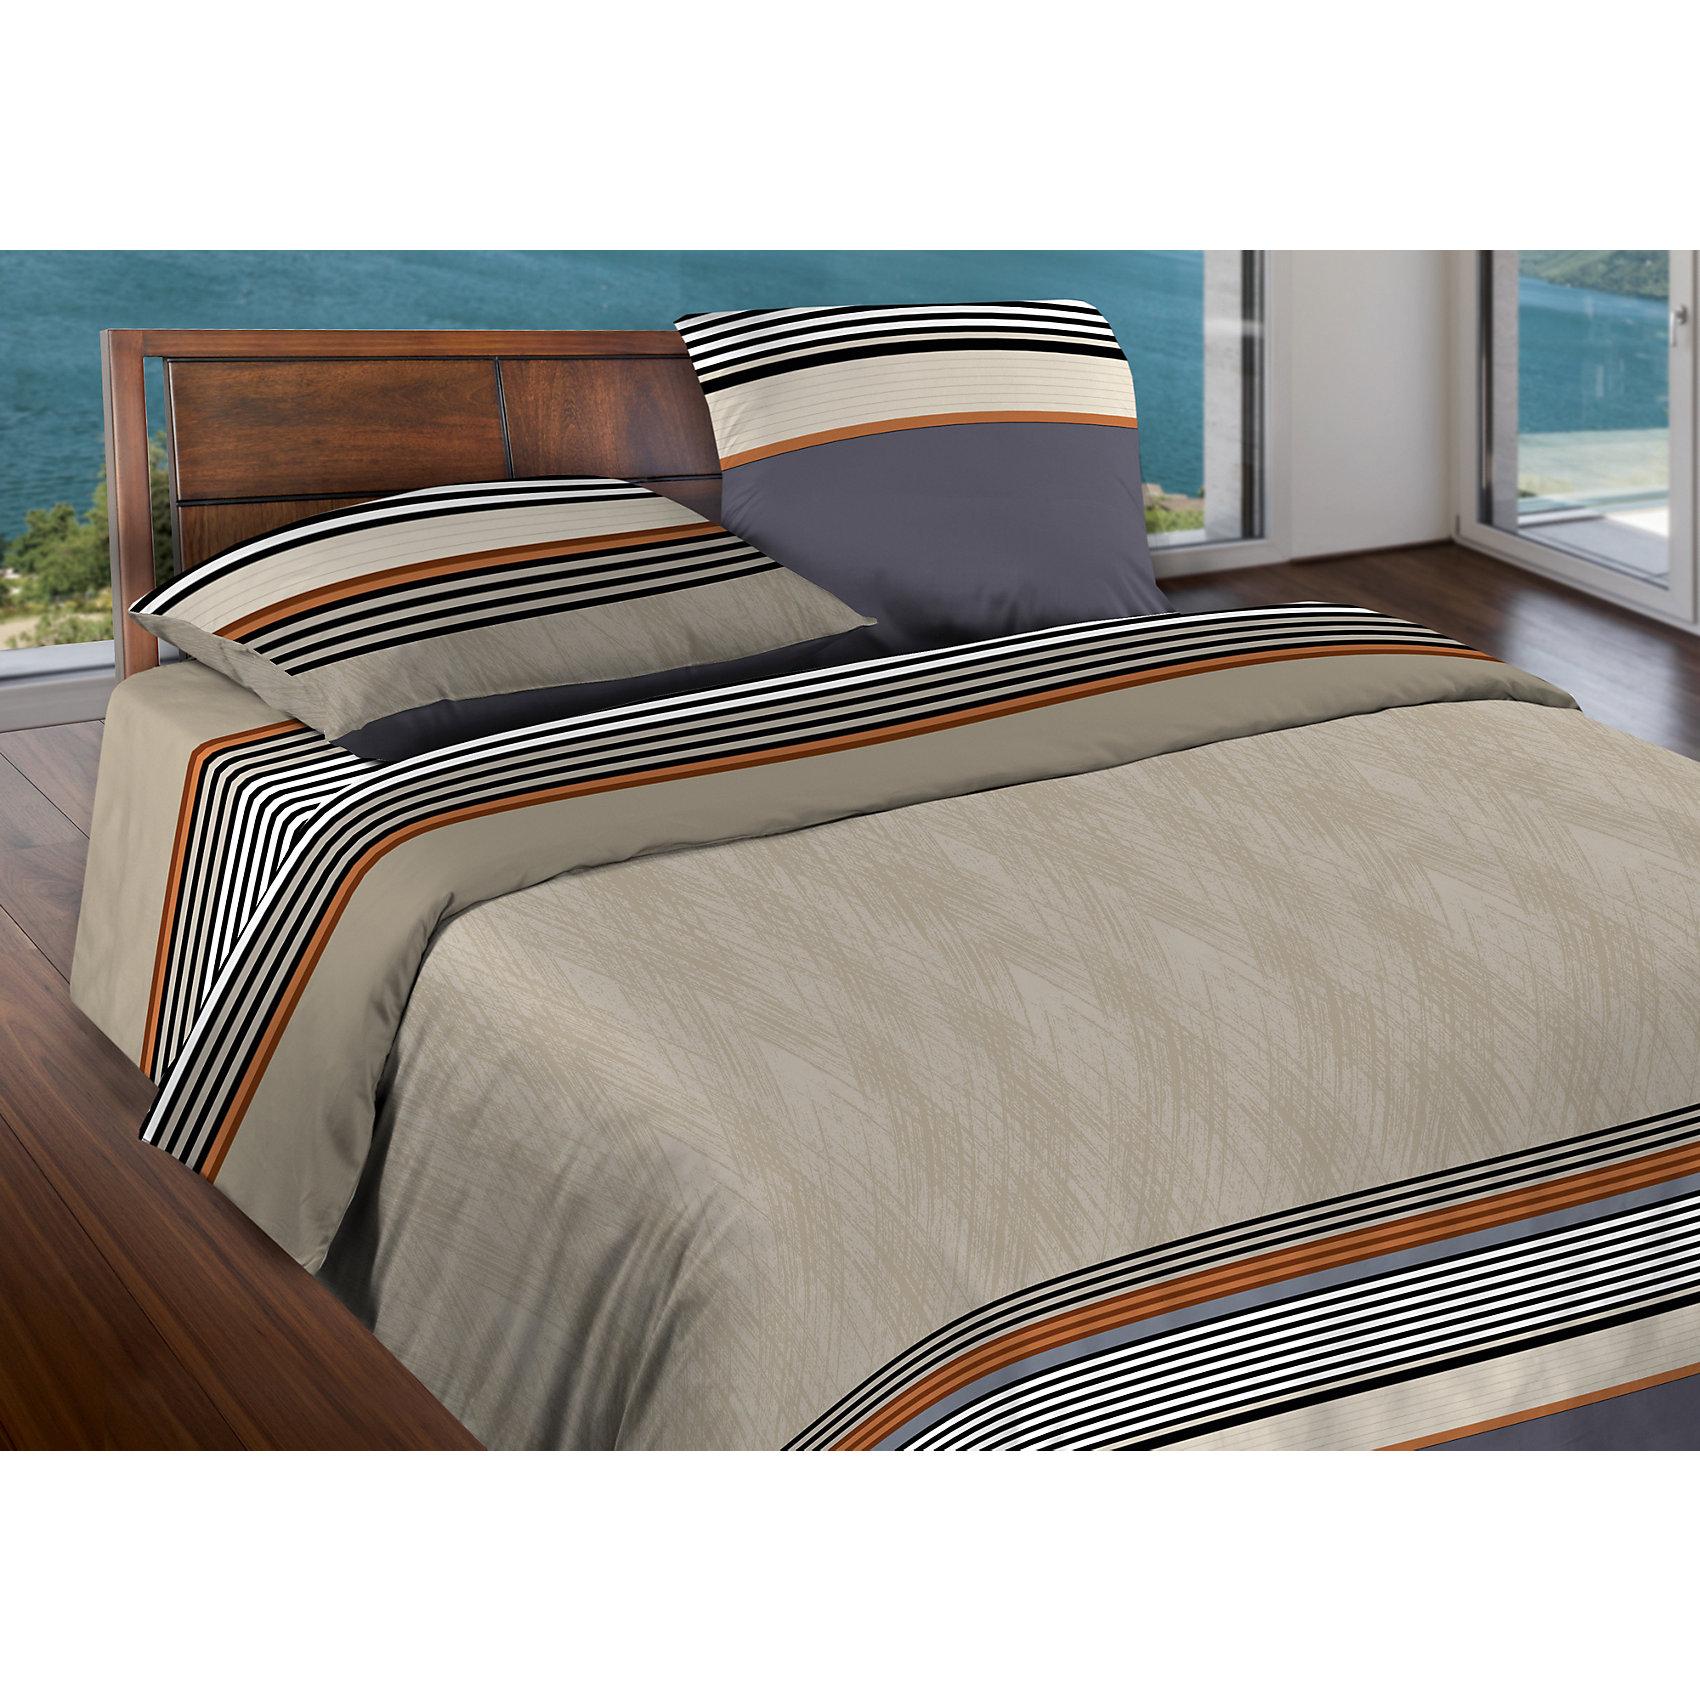 Комплект постельного белья Макси БИО Комфорт Simple, 2 спальное, WengeДомашний текстиль<br>Комплект постельного белья Макси БИО Комфорт Simple, 2 спальное, Wenge (Венге)<br><br>Характеристики:<br><br>• изготовлено из натуральной, биологически чистой ткани<br>• высокая износостойкость<br>• приятное на ощупь<br>• оригинальный дизайн<br>• тип комплекта: 2-спальный<br>• материал: БИО комфорт (100% хлопок)<br>• в комплекте: простыня, пододеяльник, наволочка (2 шт.)<br>• размер простыни: 214х220 см<br>• размер пододеяльника: 175х215 см<br>• размер наволочки: 70х70 см<br>• размер упаковки: 8х25х35 см<br>• вес: 1400 грамм<br><br>Качественное постельное белье - залог вашего комфорта во время сна. Комплект Simple изготовлен из высококачественного материала БИО комфорт. Этот материал очень приятен телу, он способен подарить вам мягкость и уют во время отдыха. Белье обладает высокой износостойкостью и прочностью. Приятный дизайн комплекта отлично дополнит интерьер вашей спальной комнаты. В комплект входят две наволочки, пододеяльник и простыня.<br><br>Комплект постельного белья Макси БИО Комфорт Simple, 2 спальное, Wenge (Венге) можно купить в нашем интернет-магазине.<br><br>Ширина мм: 380<br>Глубина мм: 280<br>Высота мм: 70<br>Вес г: 2100<br>Возраст от месяцев: 36<br>Возраст до месяцев: 216<br>Пол: Унисекс<br>Возраст: Детский<br>SKU: 5430849